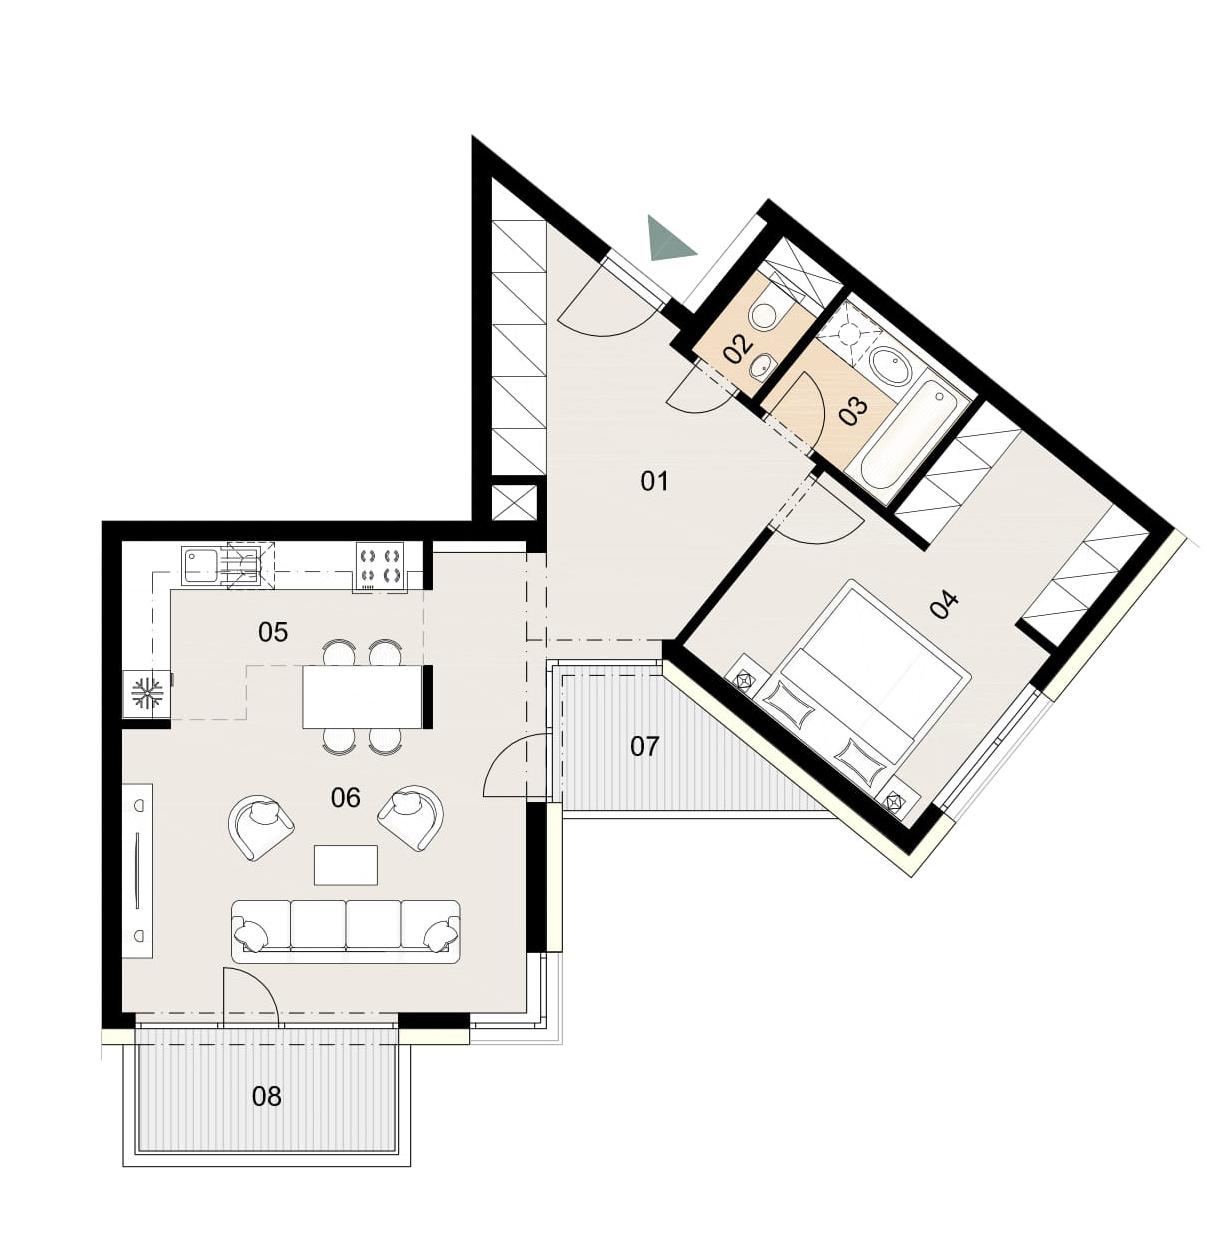 Rosenhaus byt 504, 2-izbový. Novostavba Vrakuňa.